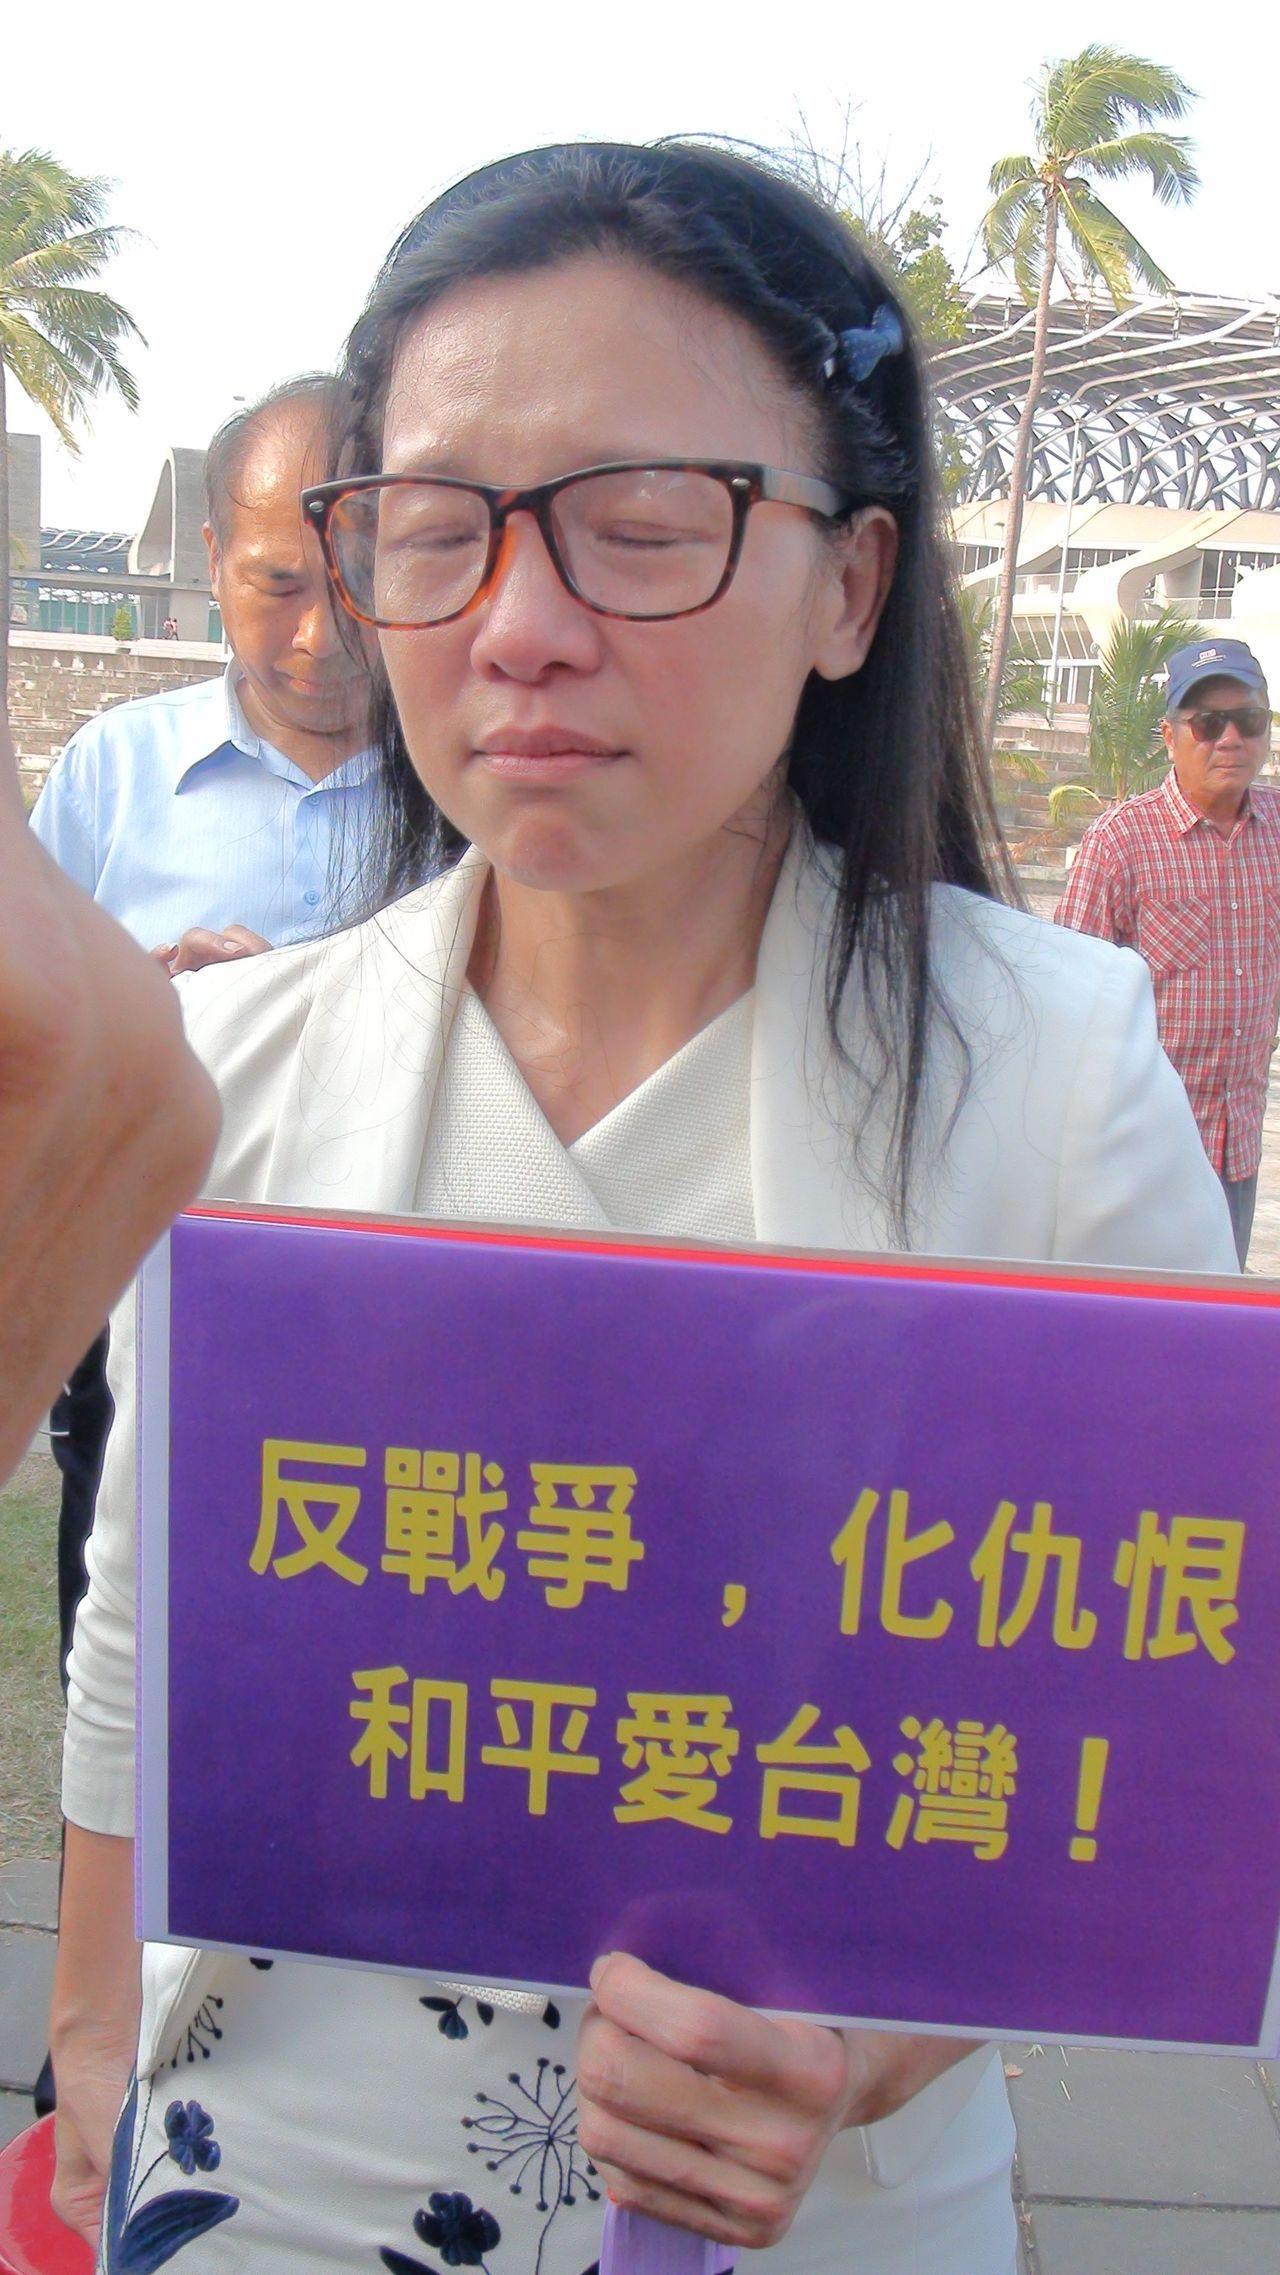 無黨籍高雄市長候選人璩美鳳舉著「反戰爭.化仇恨.和平愛台灣!」標語出現在民進黨的...